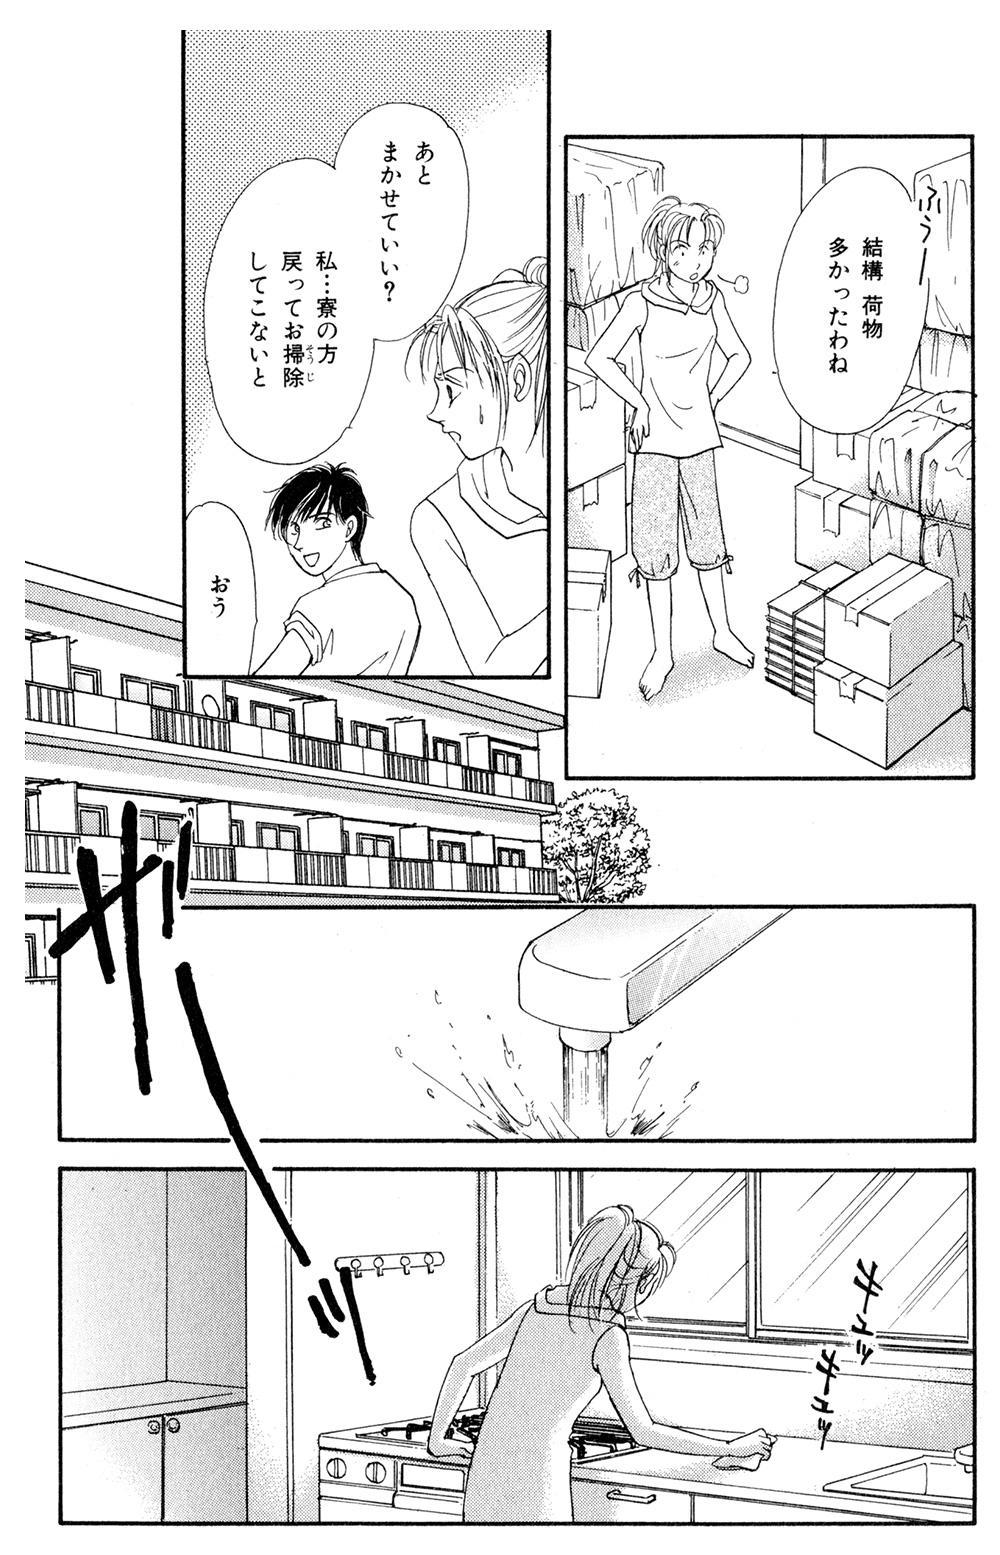 魔百合の恐怖報告 「災いを呼ぶ老婆」①rouba02-13.jpg